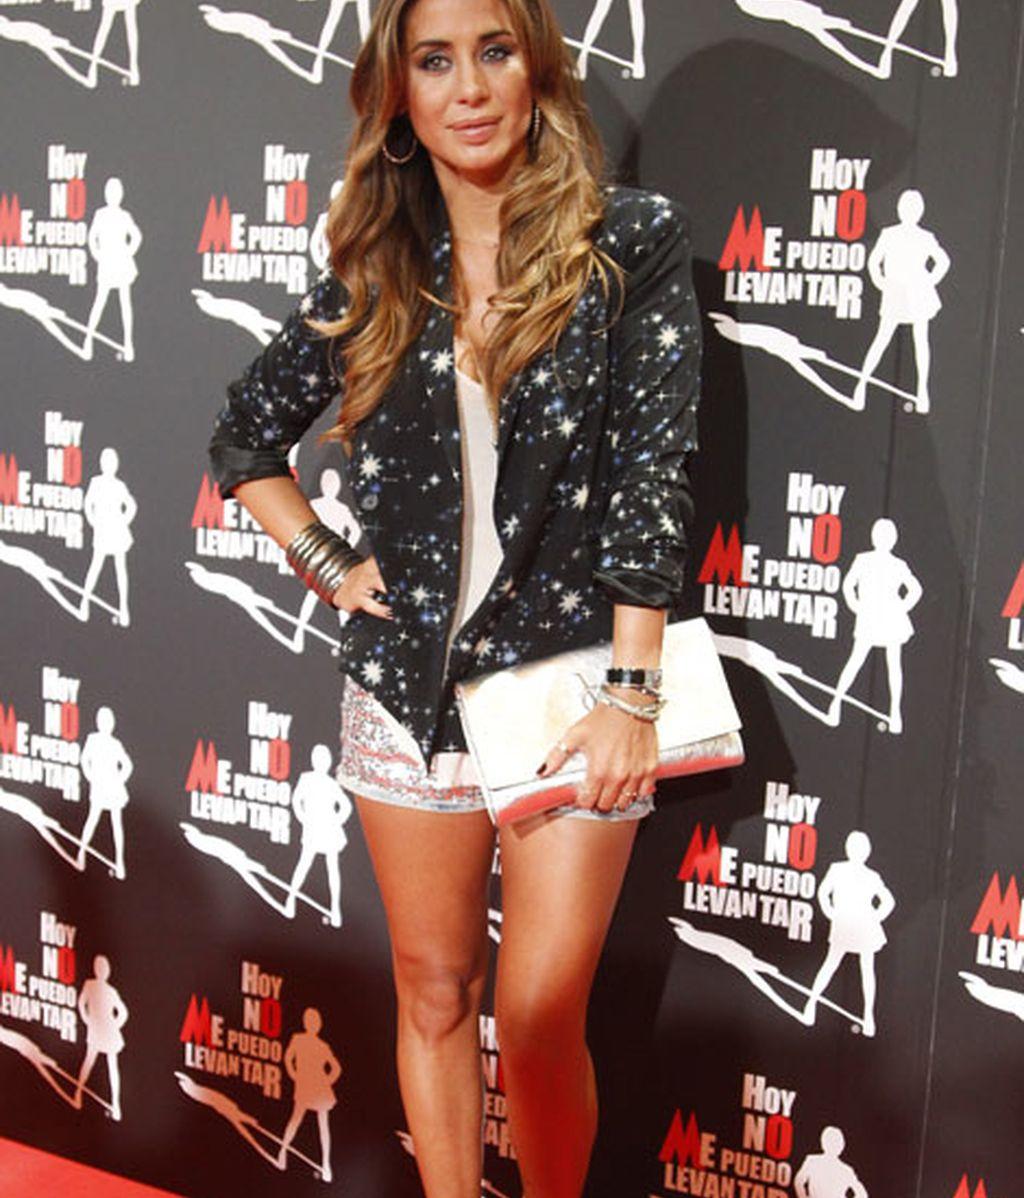 Elena Tablada llevó un vestido beige con brillos y una chaqueta de estrellas